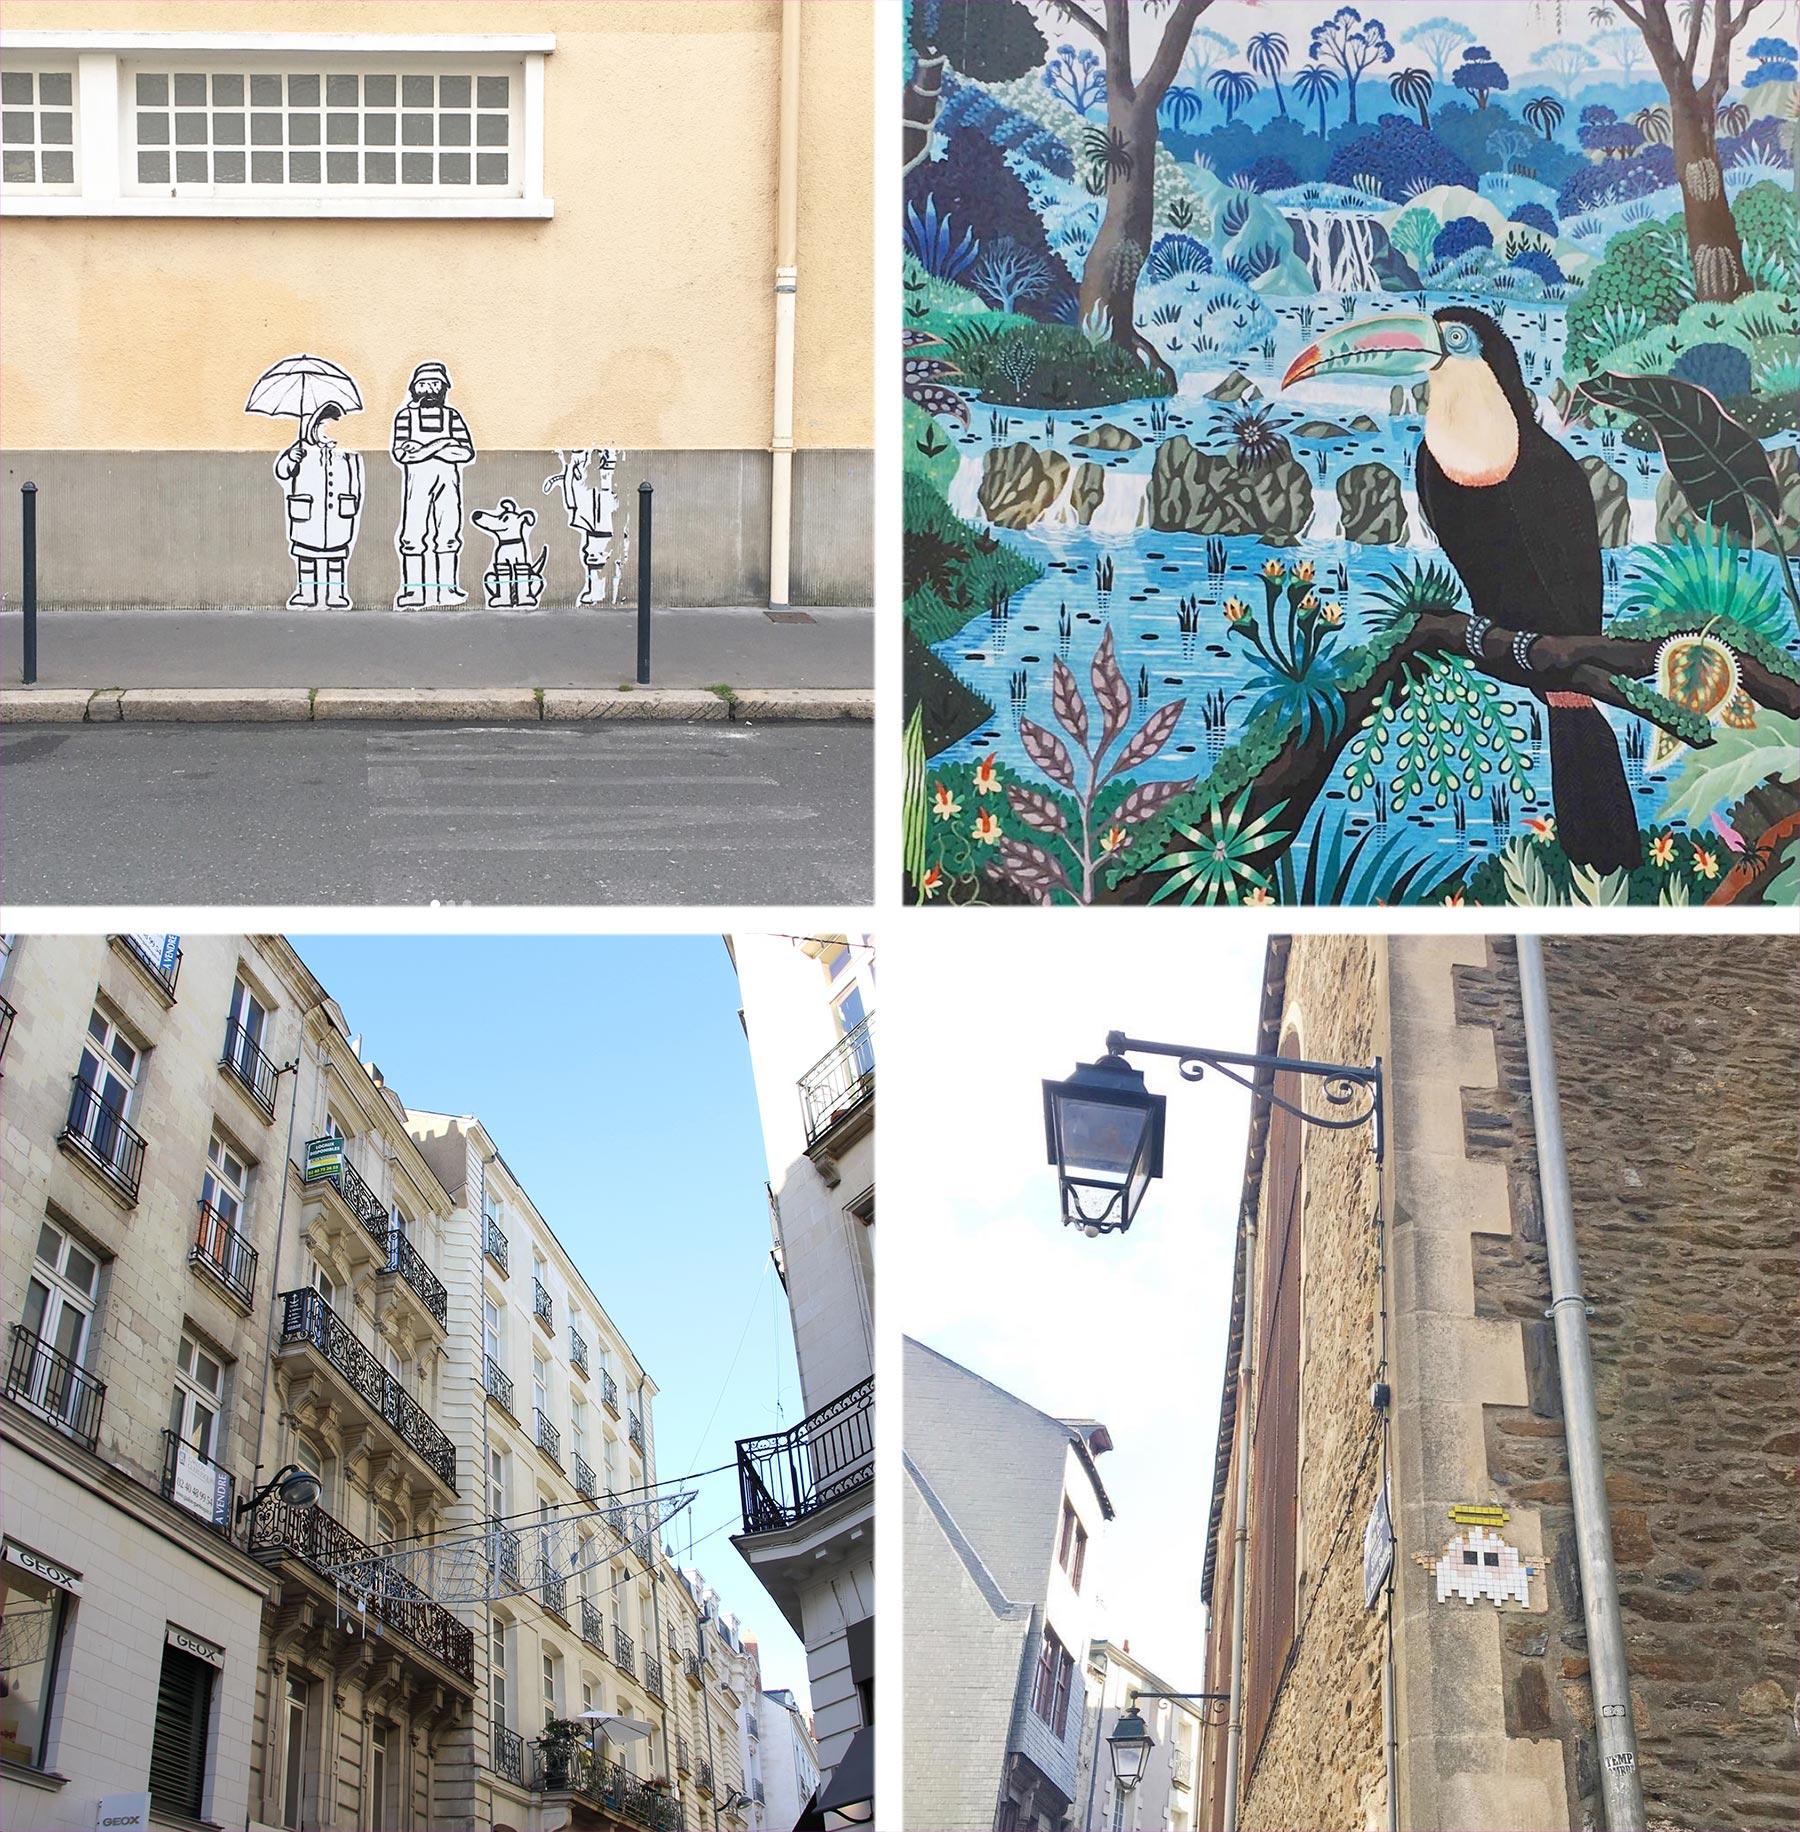 Tourisme à Nantes : découvrir Nantes en images